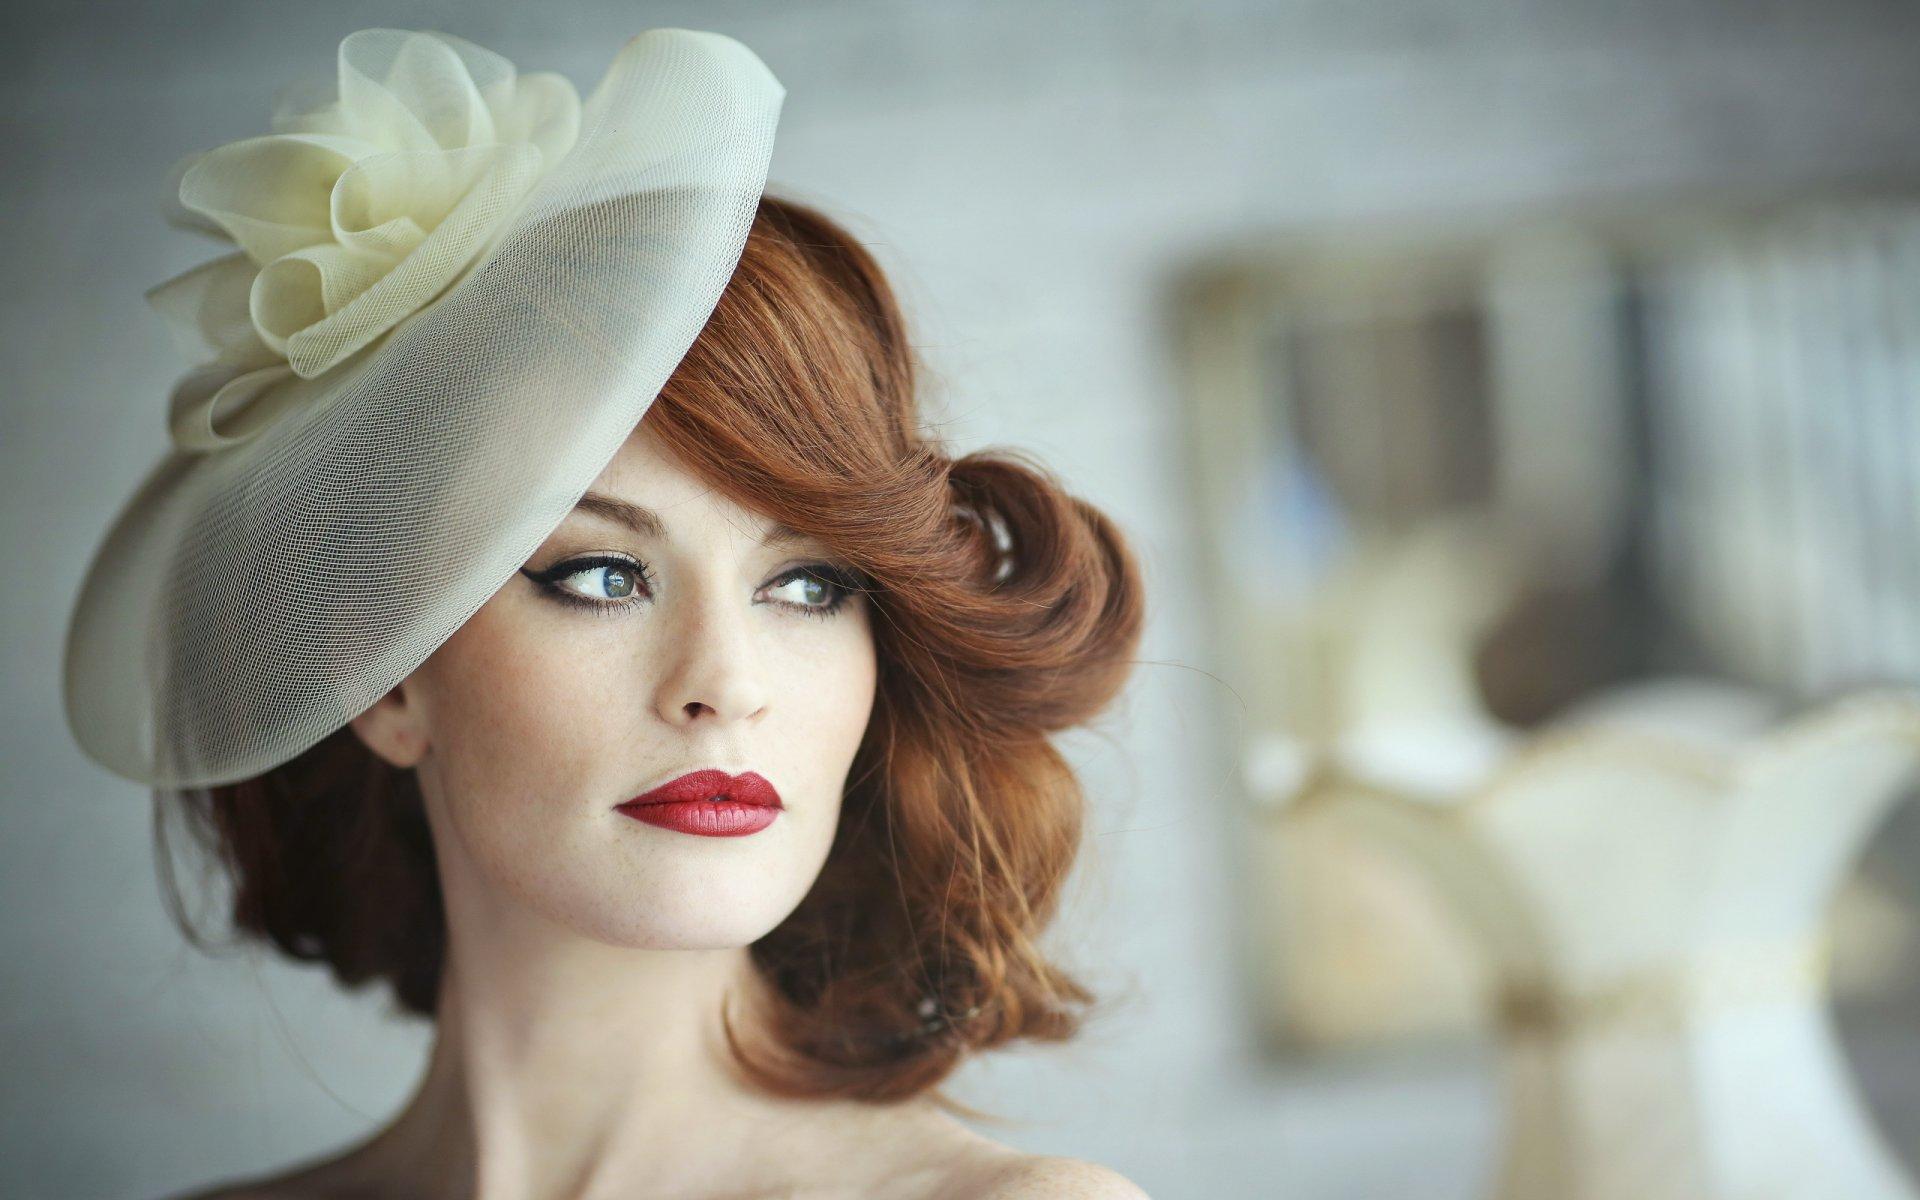 Фото дам в шляпах, Картинки дам в шляпах (36 фото) 23 фотография